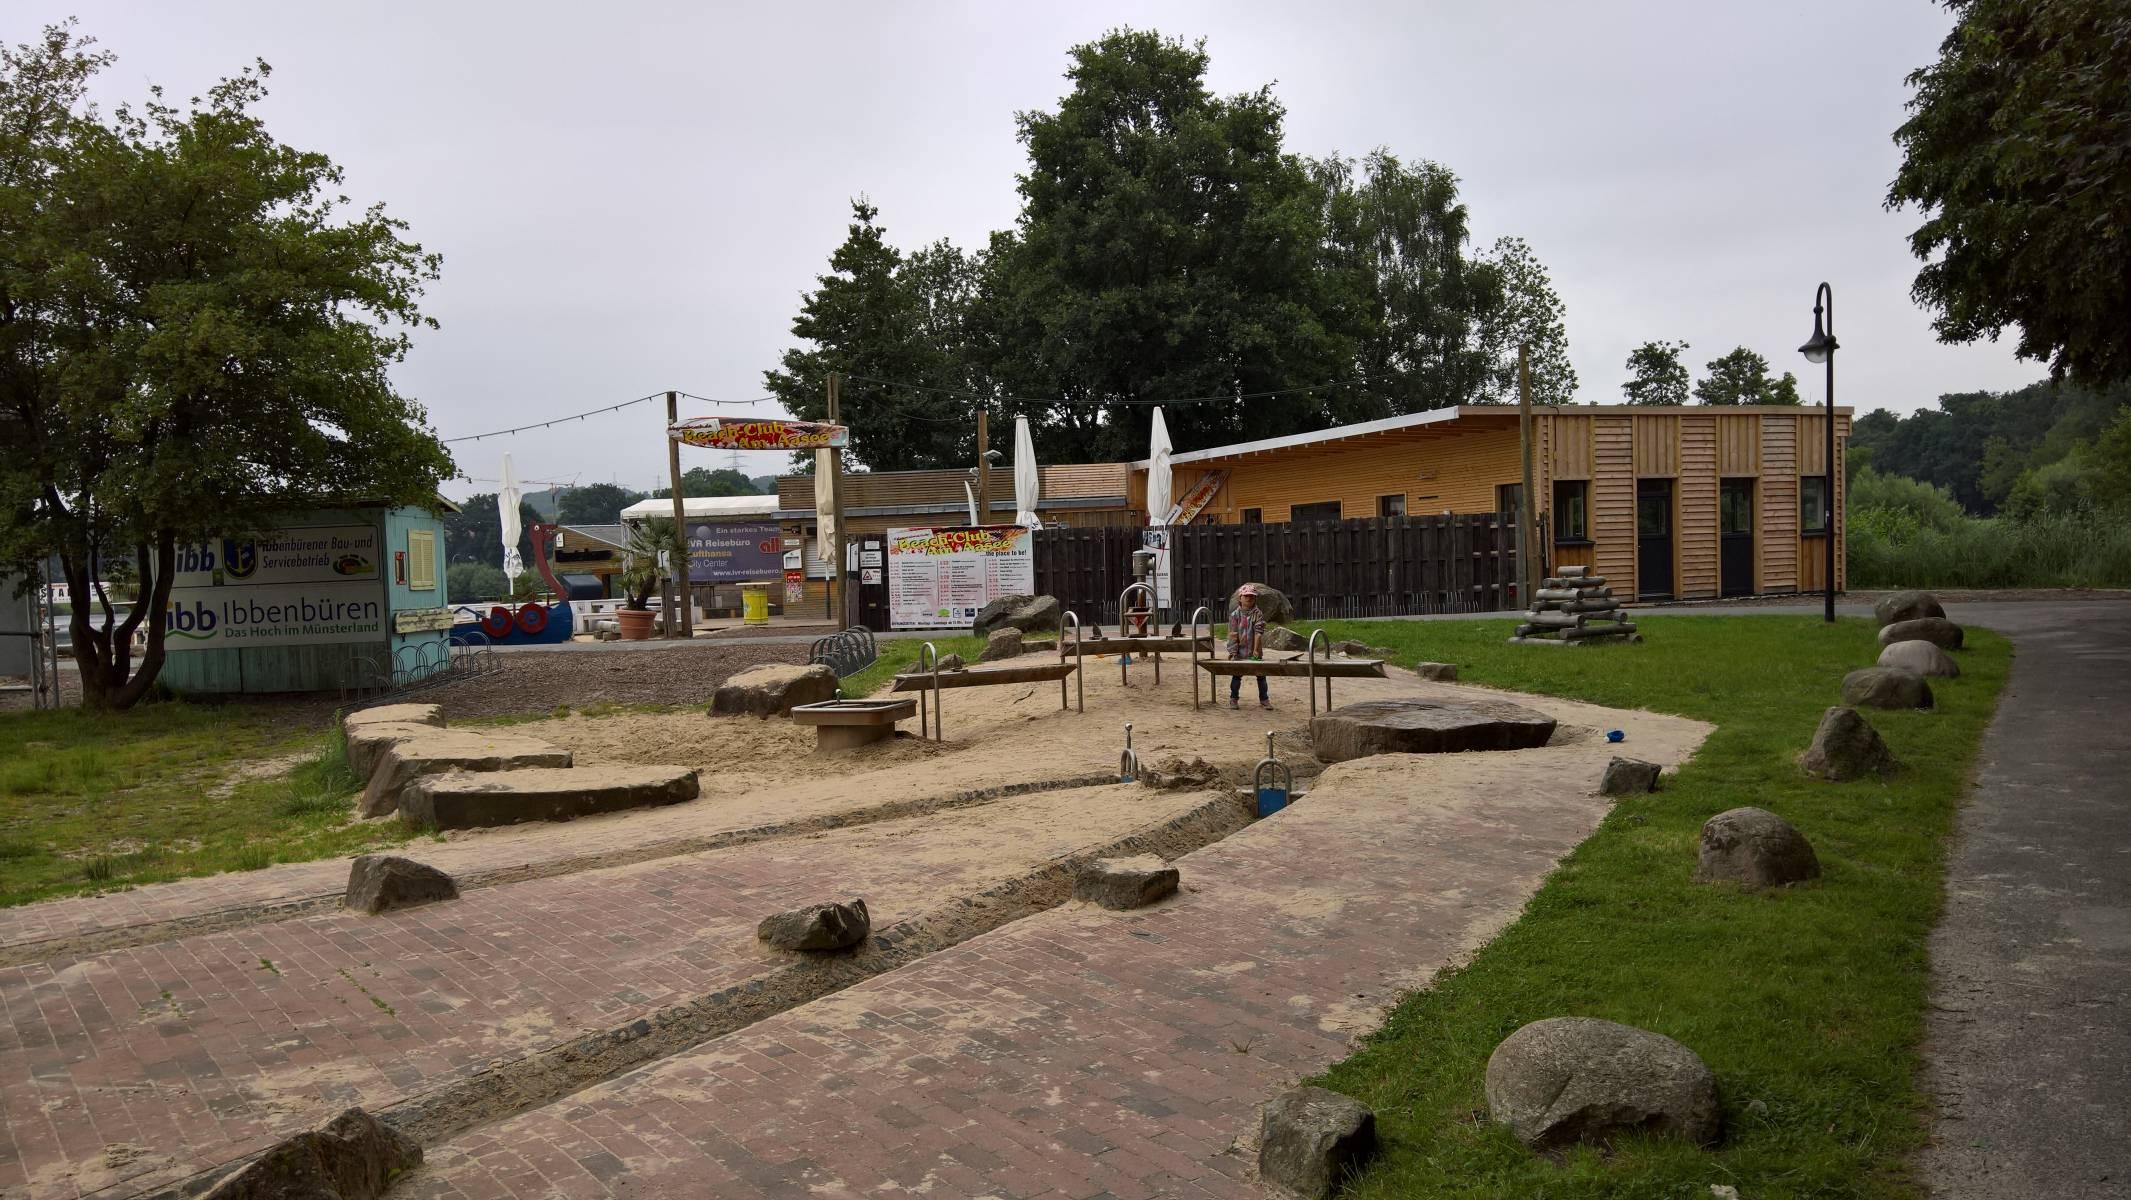 Spielplatz Wasserspielpark Aasee in Ibbenbüren, Südufer